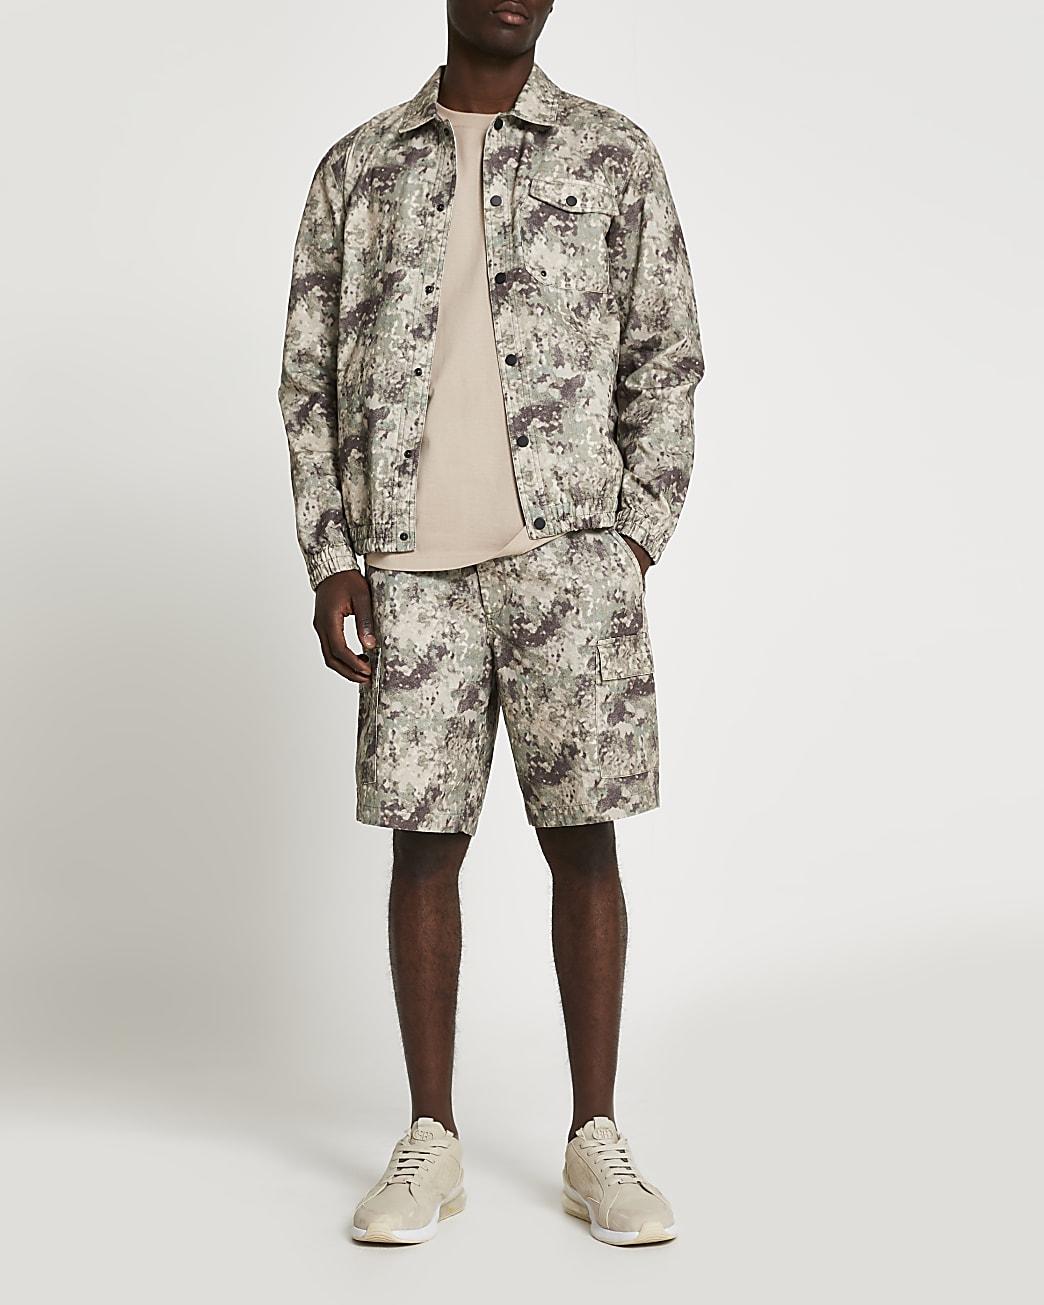 Green camo print cargo shorts